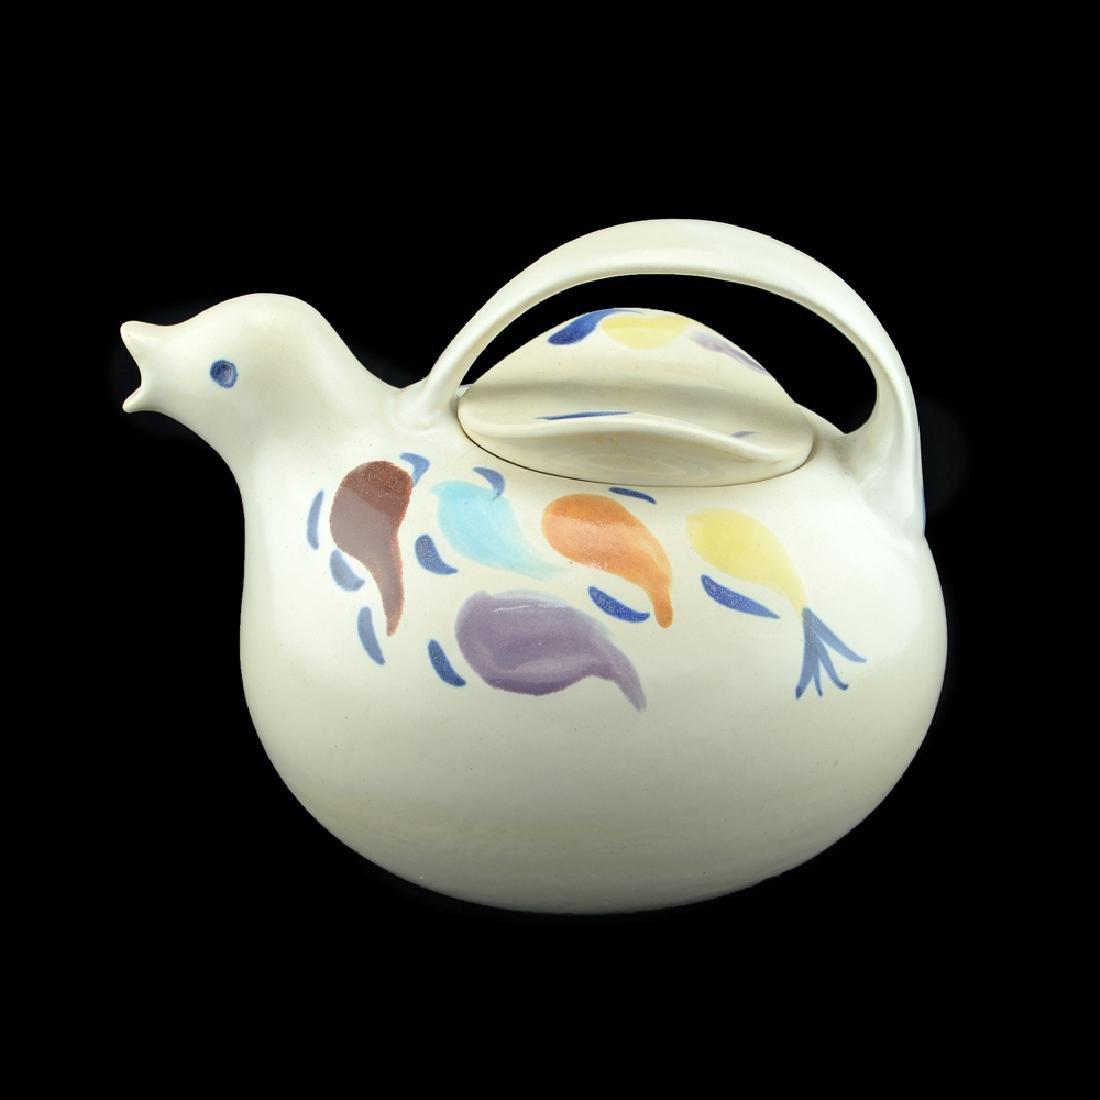 Eva Zeisel, Monmouth Bird-form Teapot